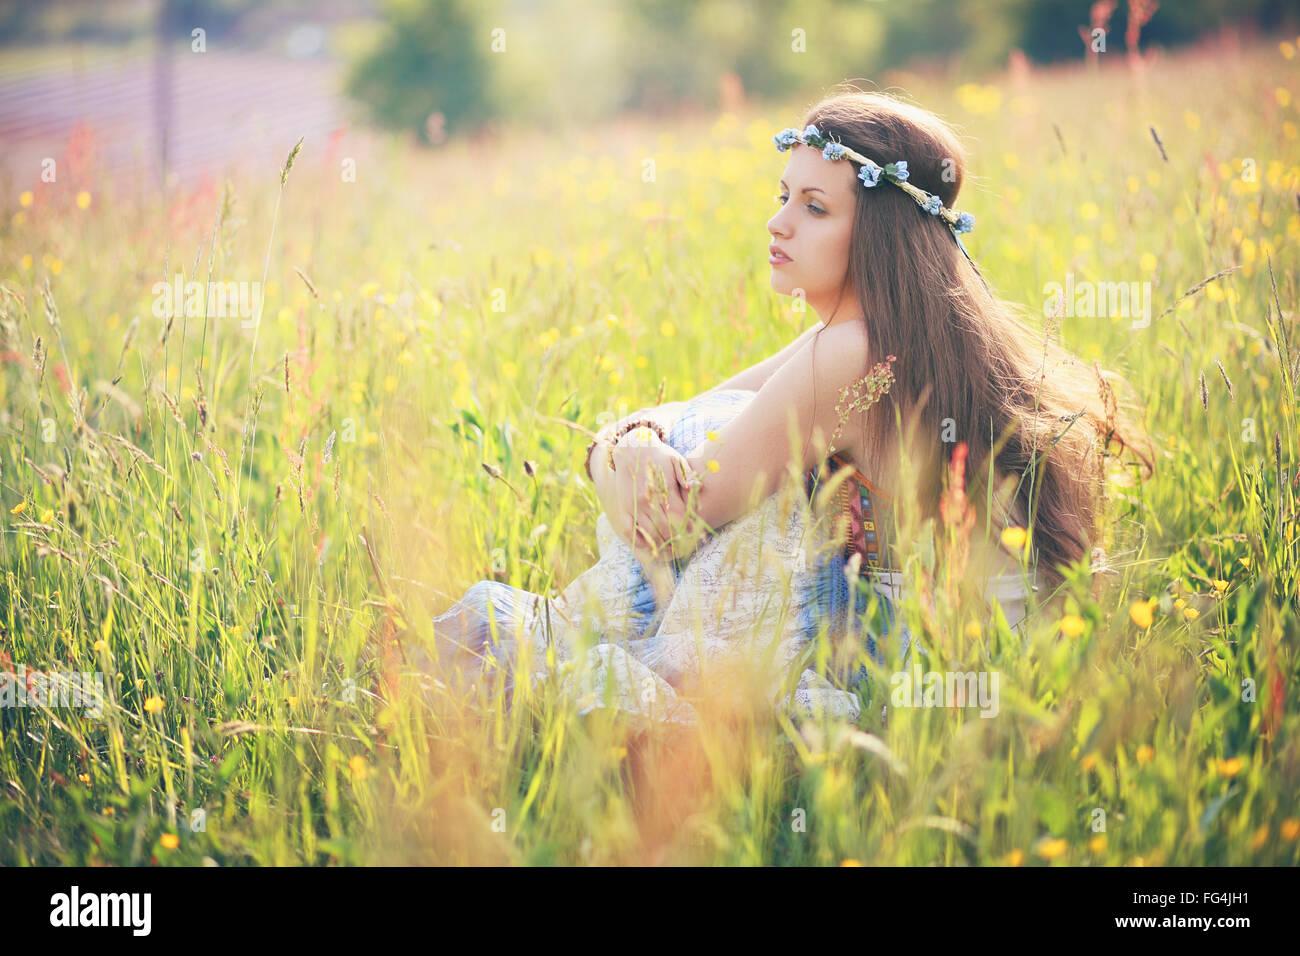 Junge Frau genießen Frühlingswetter in Blumenwiese. Hippie und Zigeuner Kleid Stockbild